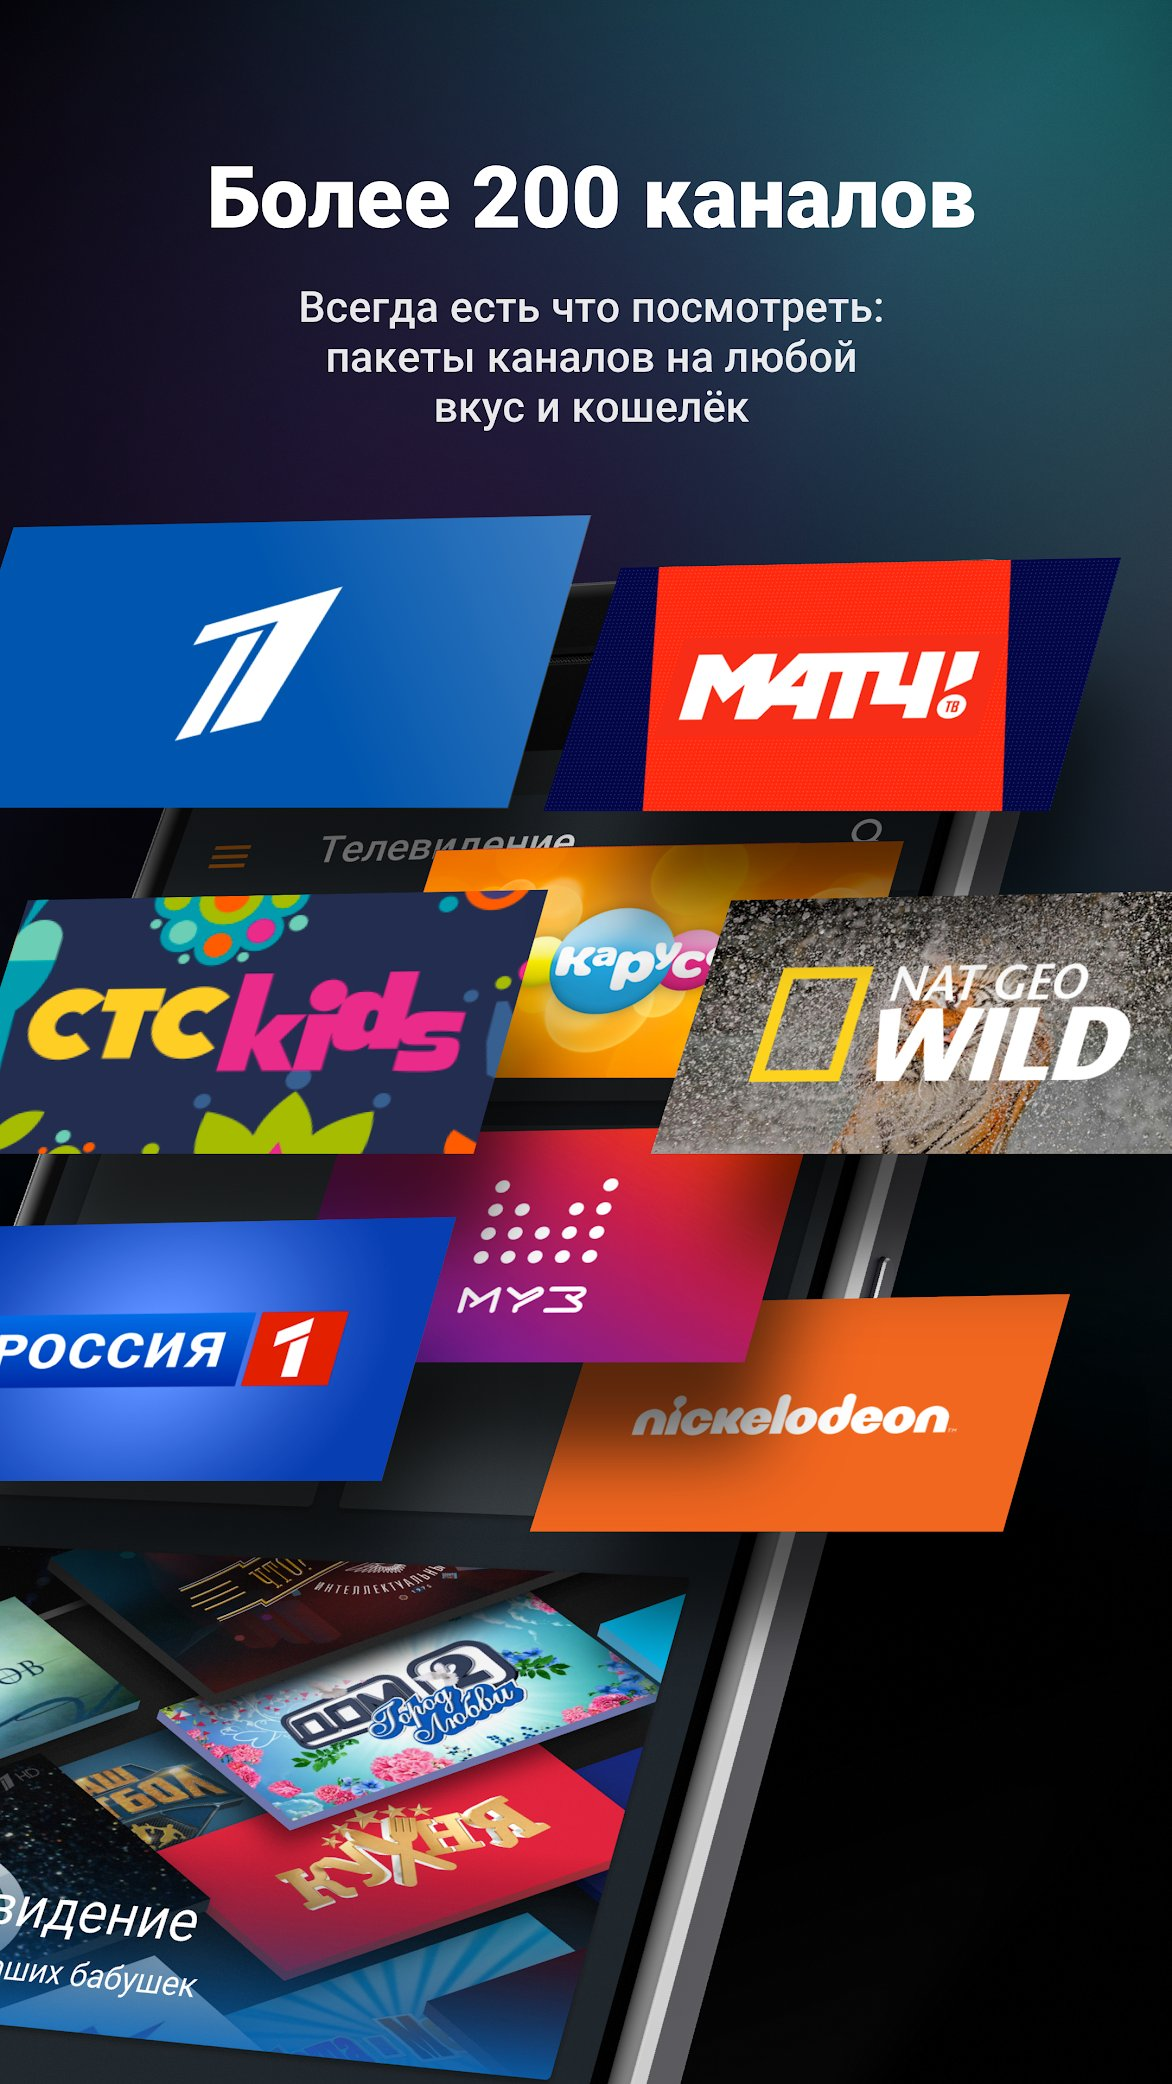 Скачать wink – тв, фильмы, сериалы 1. 4. 2. 5 для андроид.